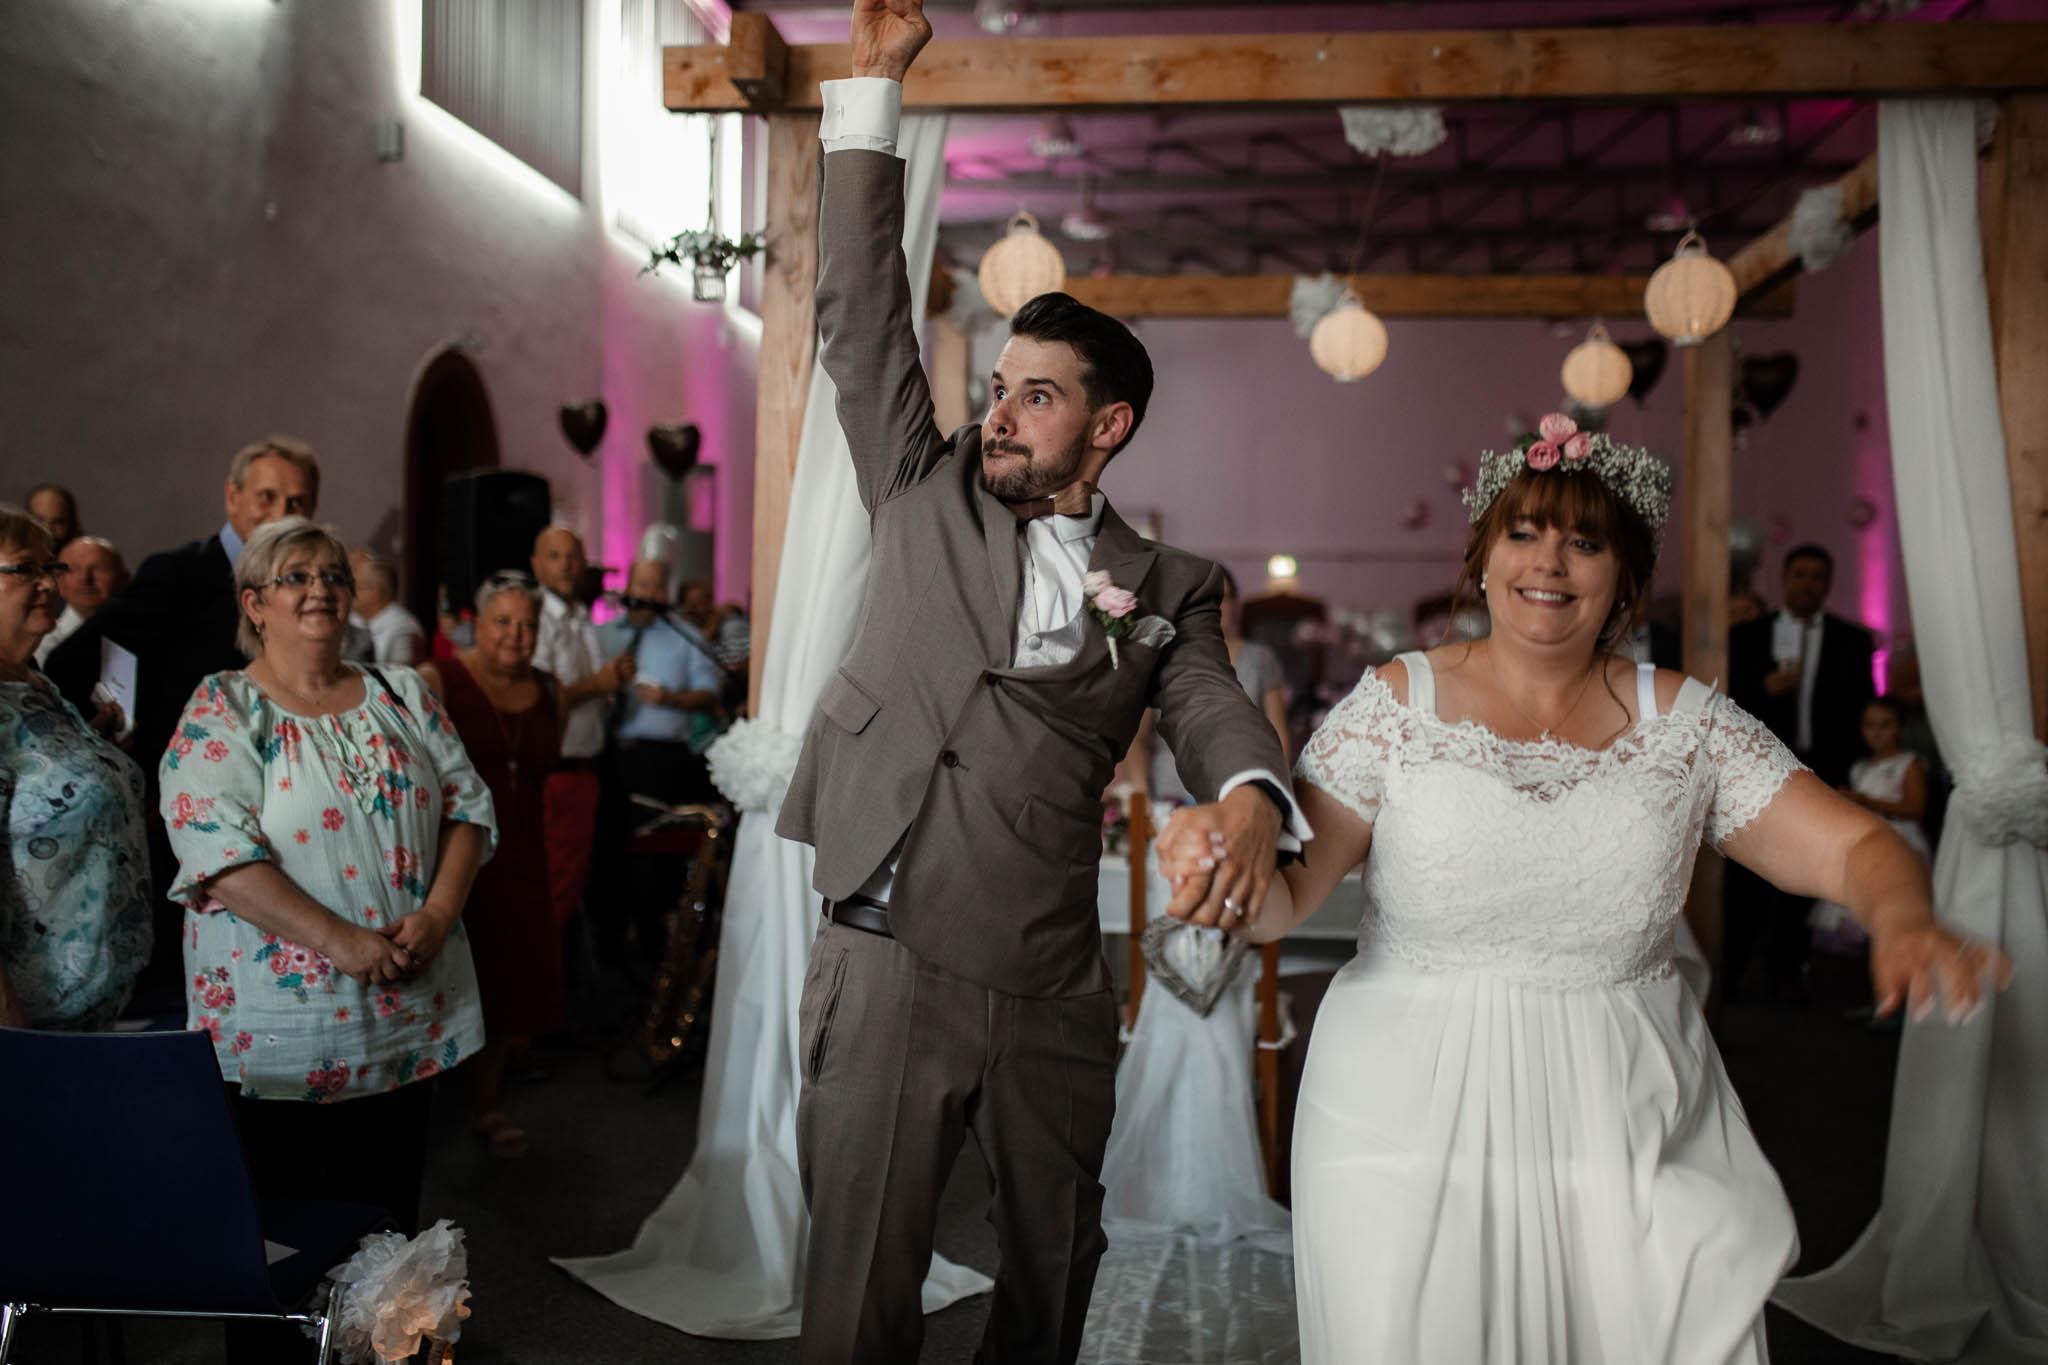 Hochzeitsfotograf Worms, Freie Trauung im Kesselhaus: Marie und Chris 21